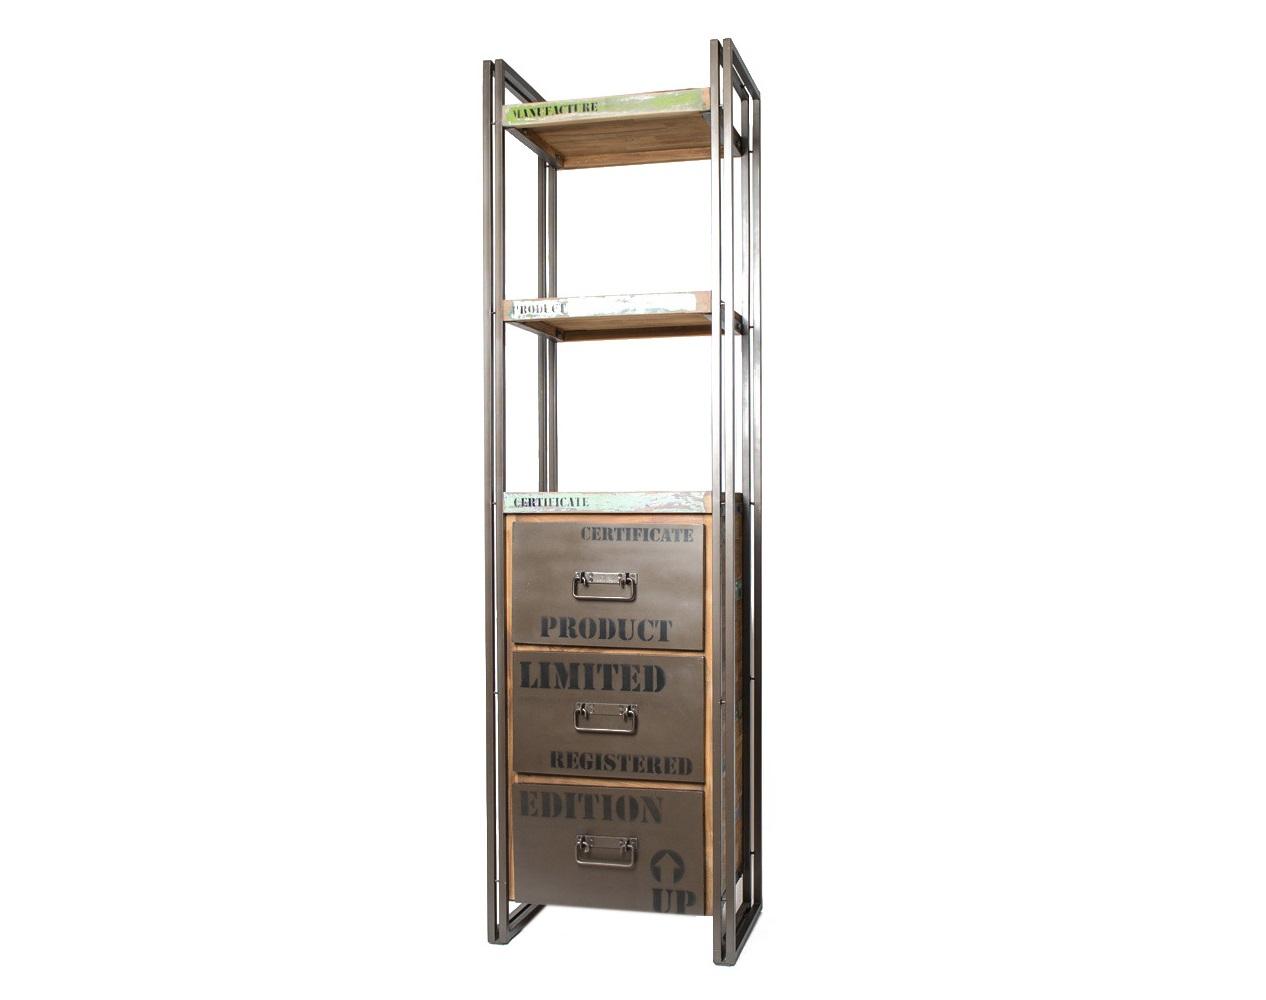 Стеллаж FerumСтеллажи и этажерки<br>Высокий и стильный стеллаж - металлический каркас, три полки и три вместительных ящика из массива тика. Лицевая часть ящиков так же декорированна металлом. Помимо хранения сможет послужить отличным дивайдером в вашей квартире или офисе.<br><br>Material: Тик<br>Width см: 60<br>Depth см: 40<br>Height см: 210